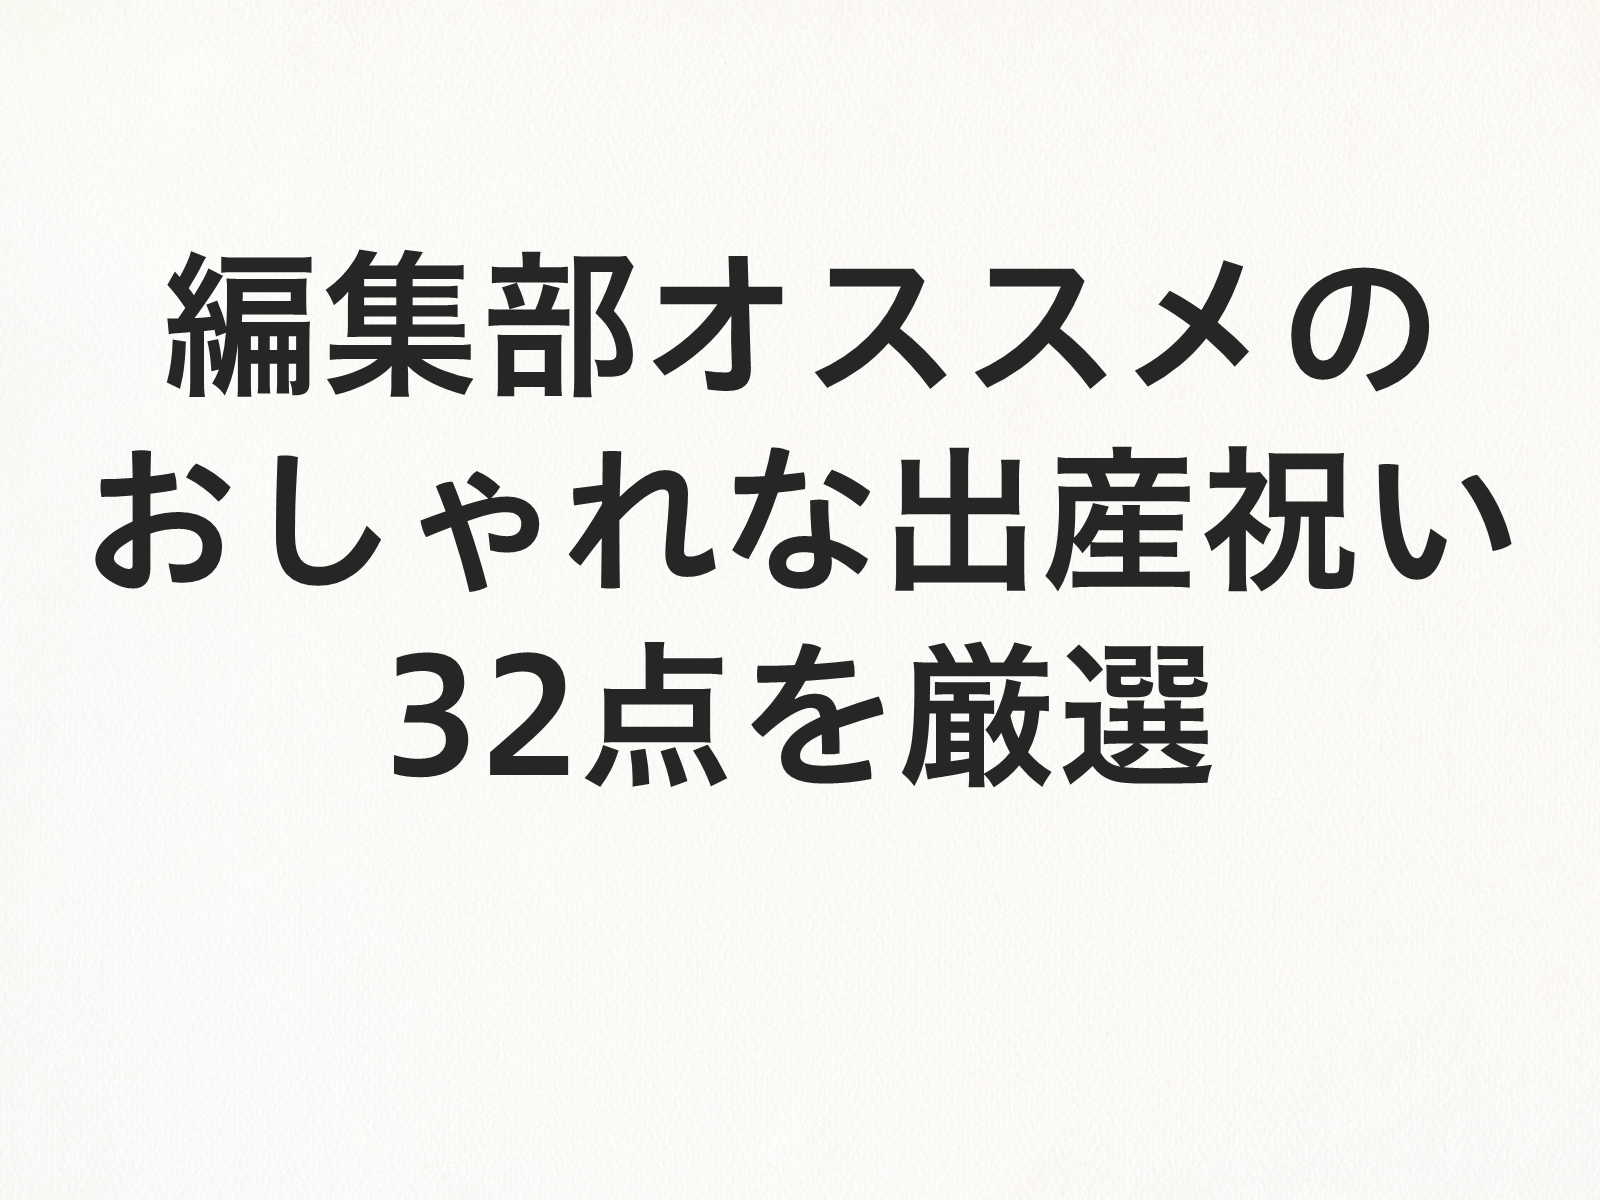 編集部オススメのおしゃれな出産祝いを32点、厳選